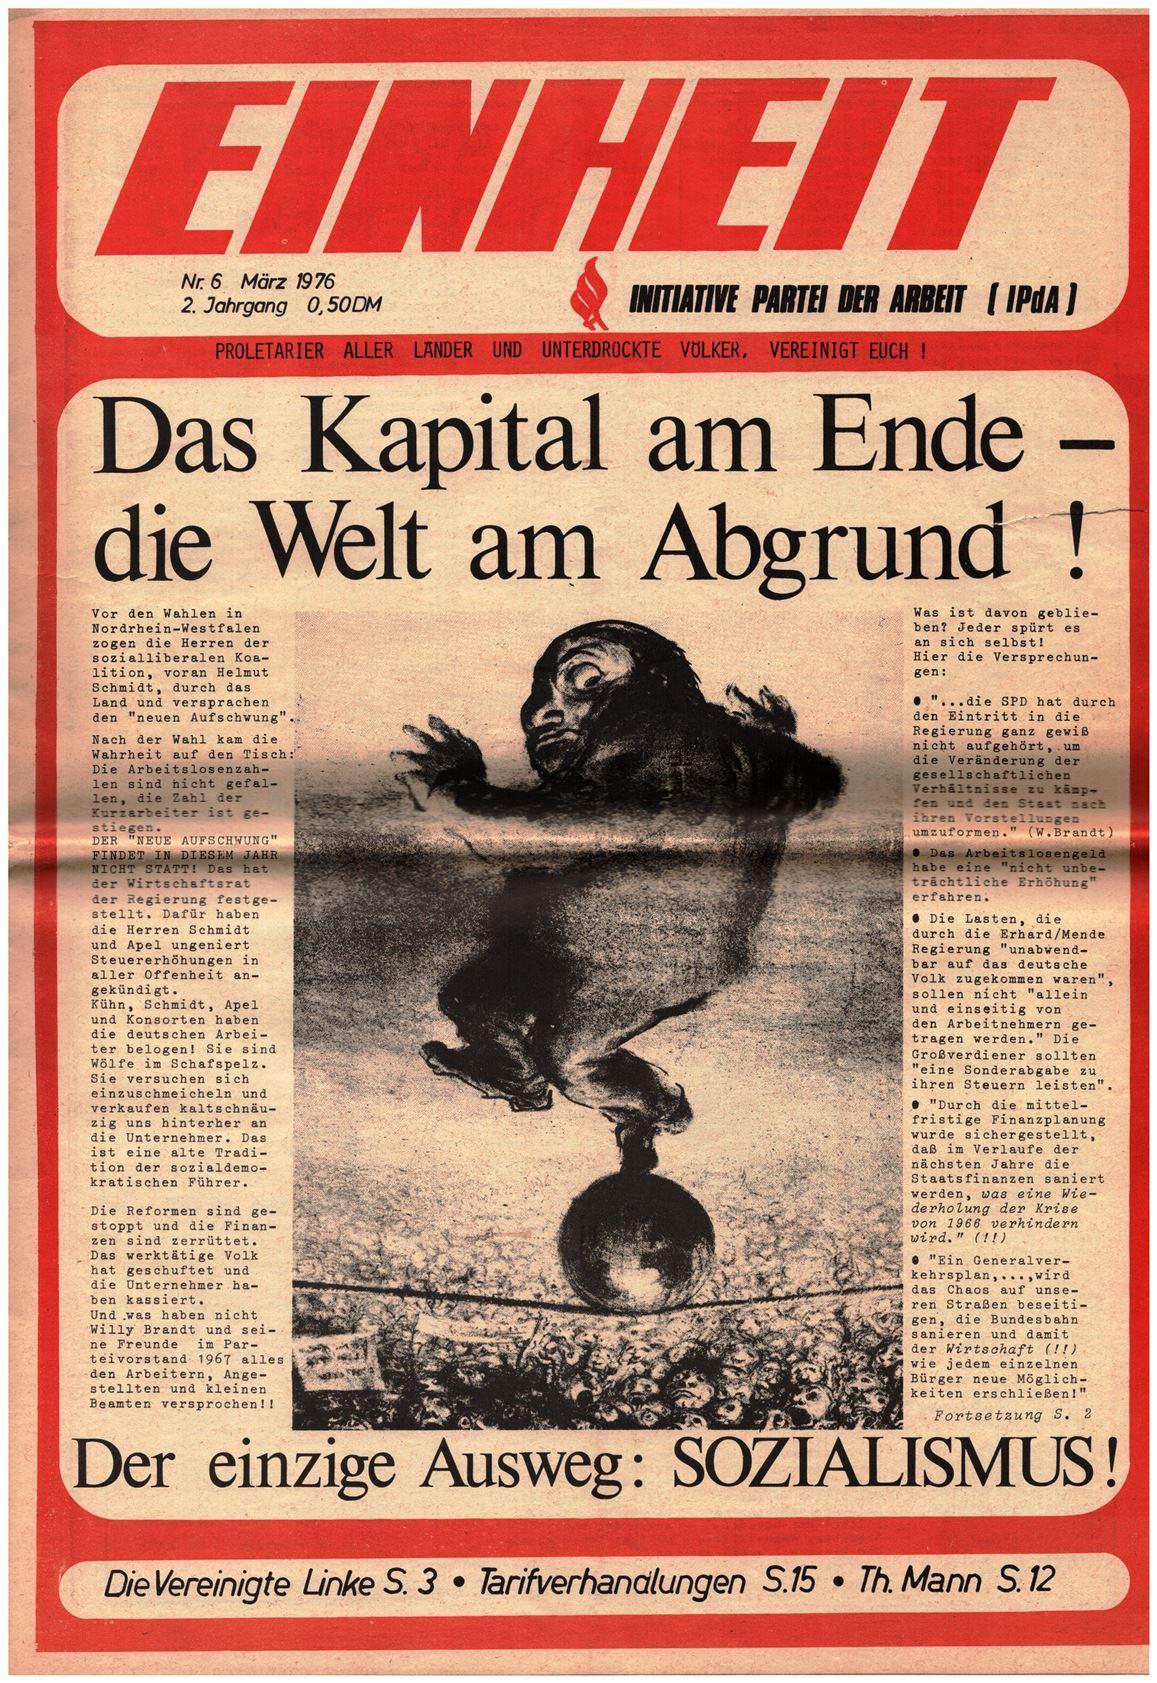 Koeln_IPdA_Einheit_1976_006_001